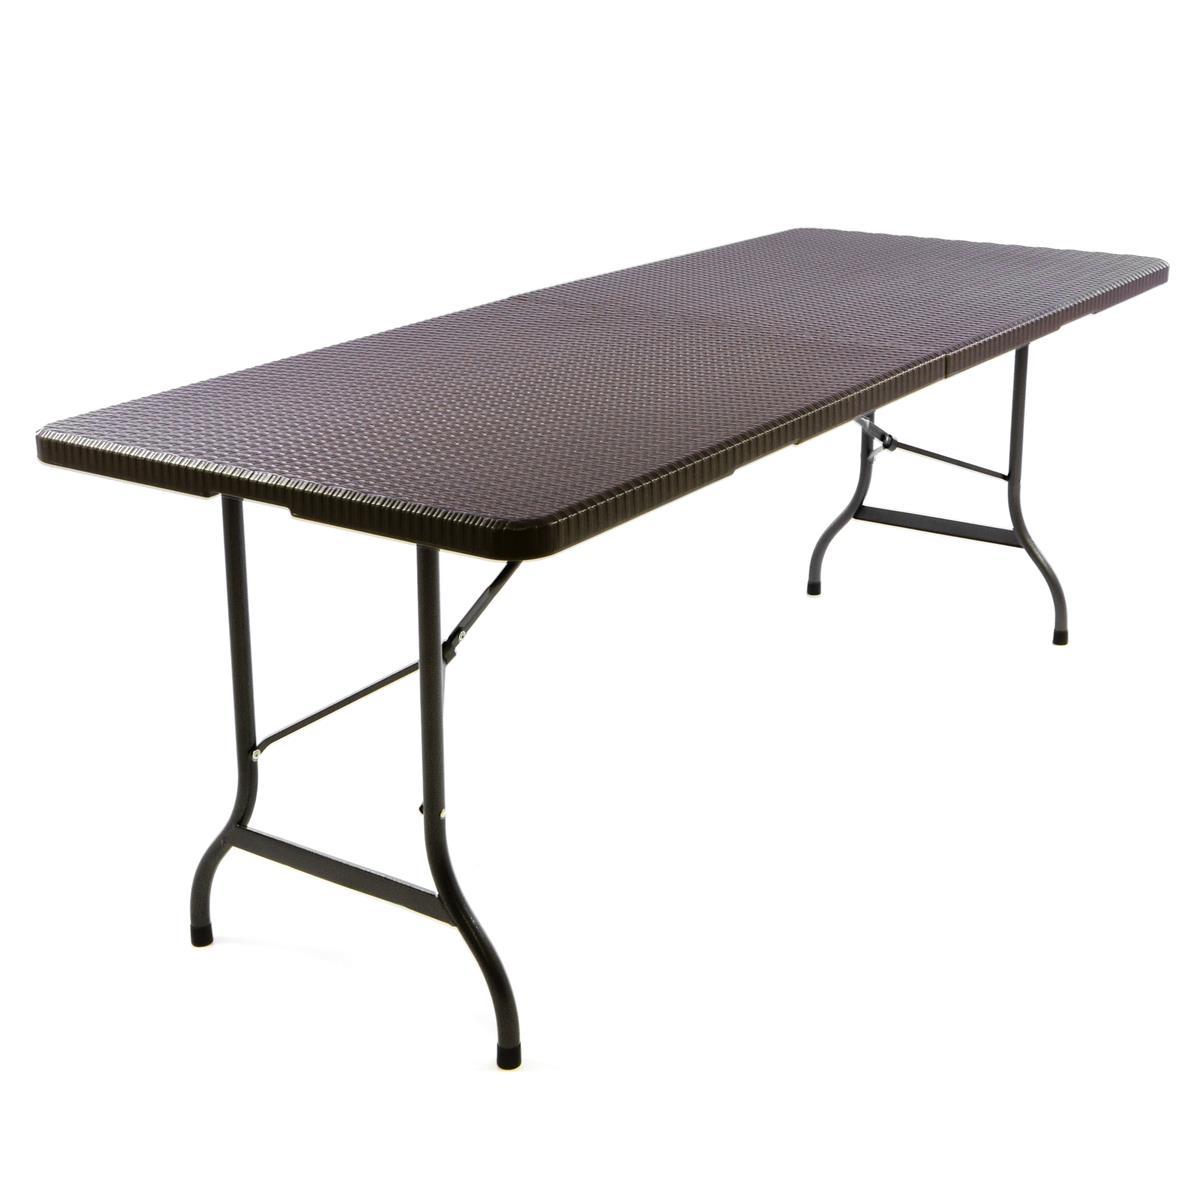 Klapptisch Partytisch Gartentisch Rattan-Optik 180 x 75 cm braun Tragegriff